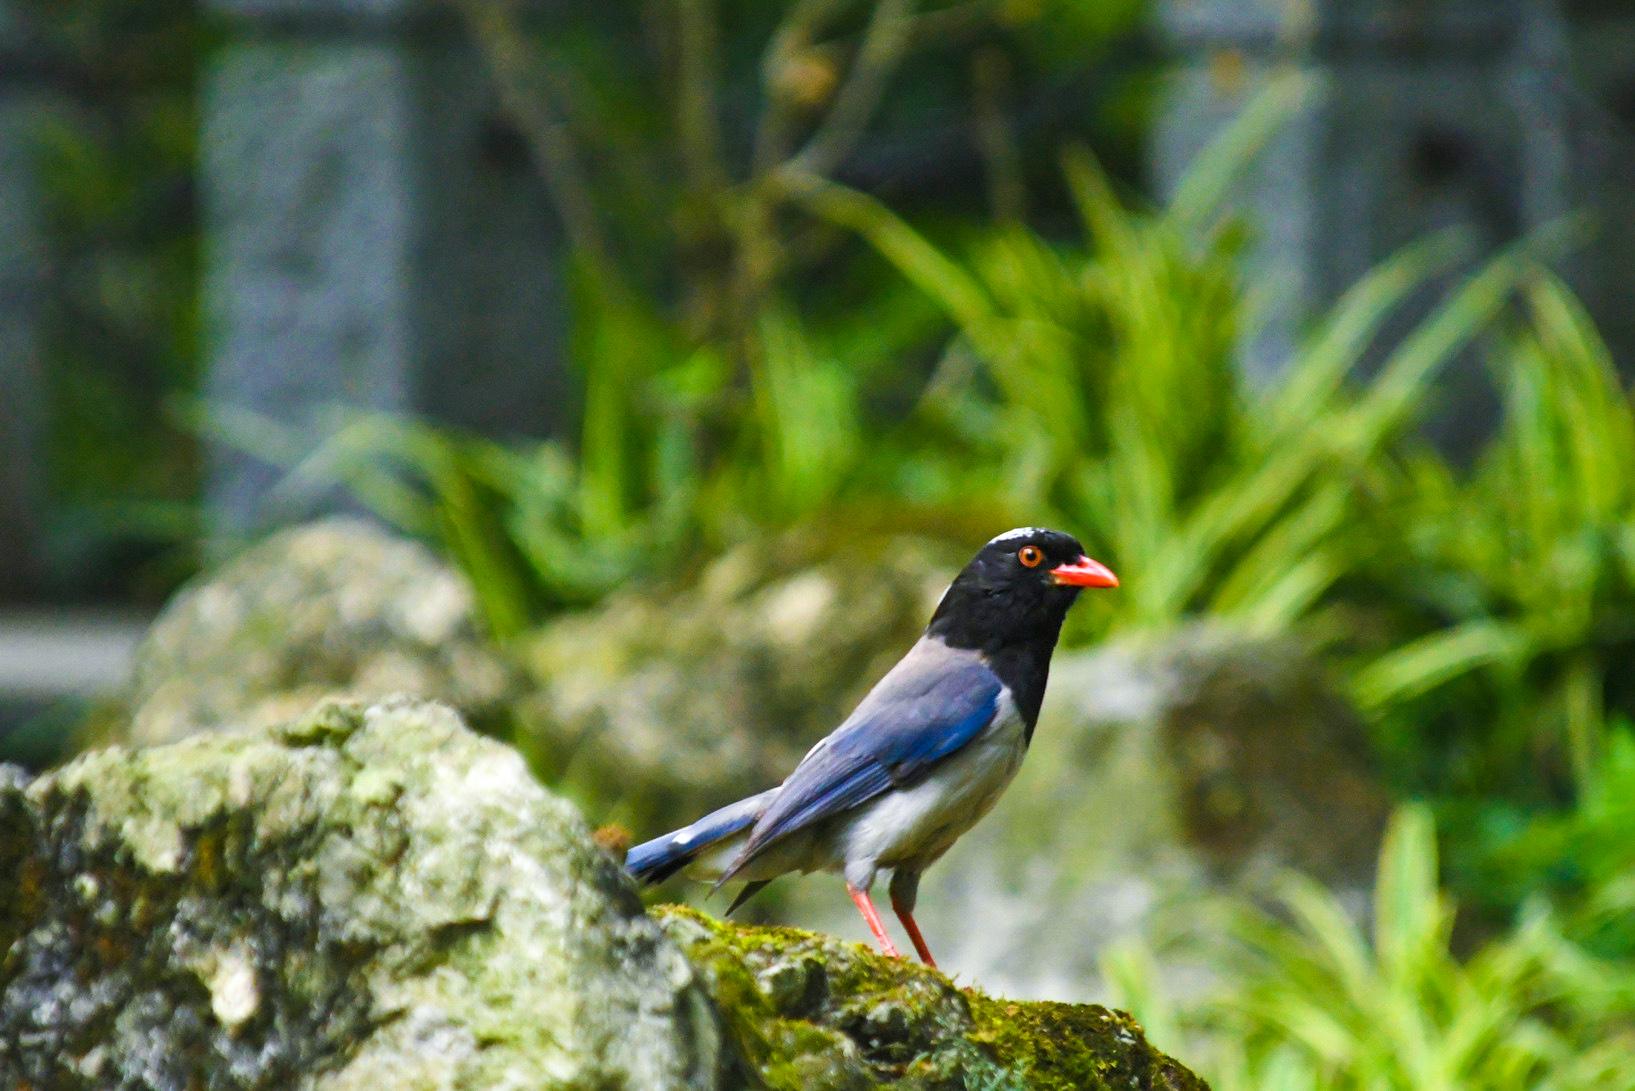 【鸟趣】天地间的红嘴蓝鹊鸟